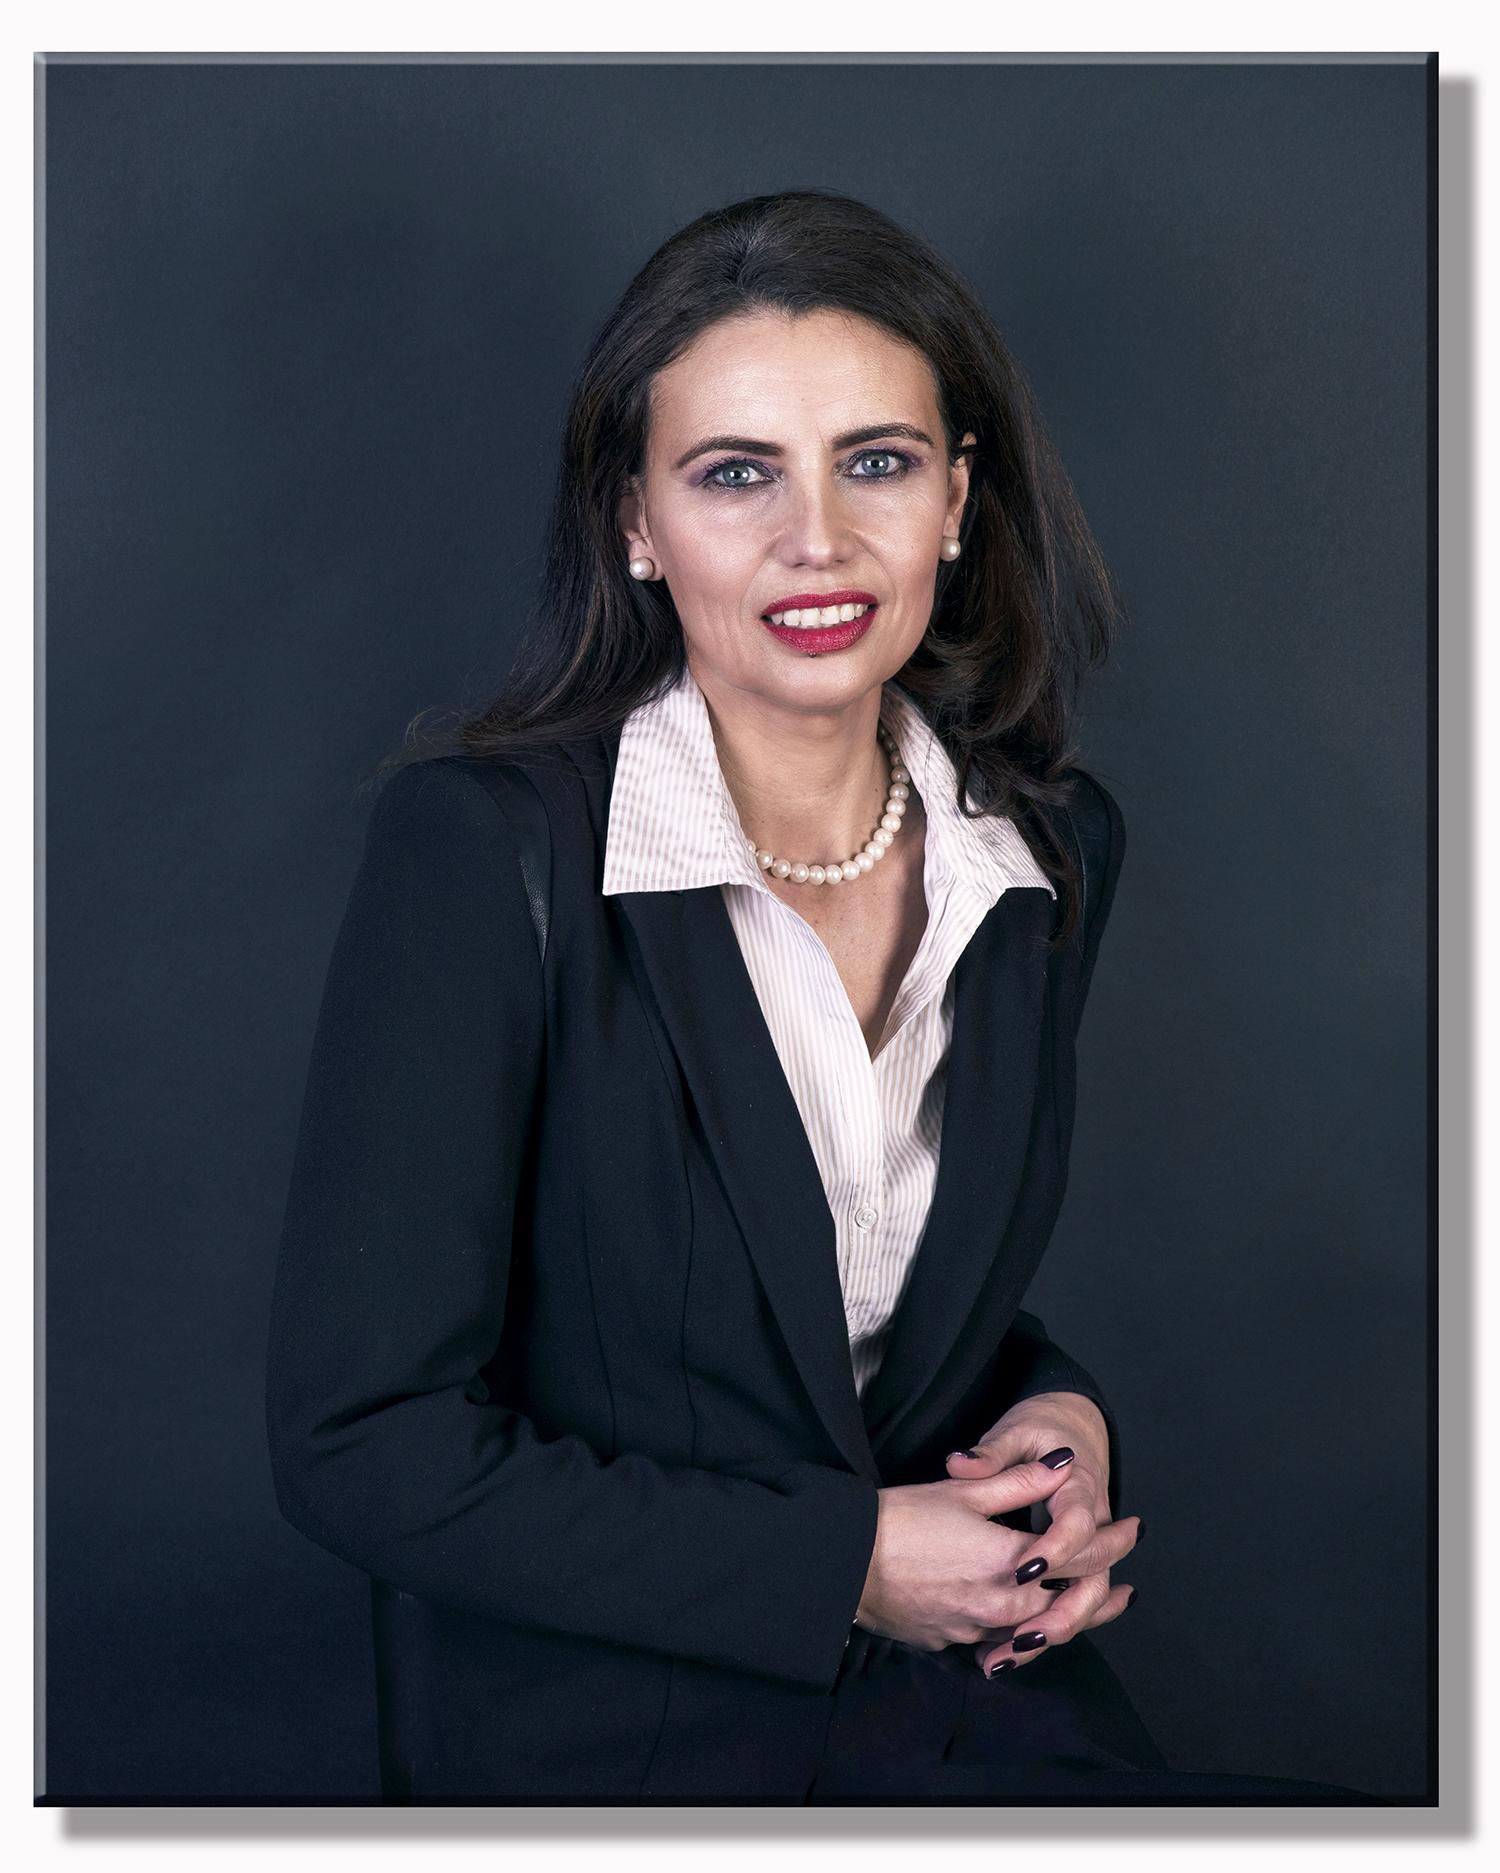 Flavia Maier